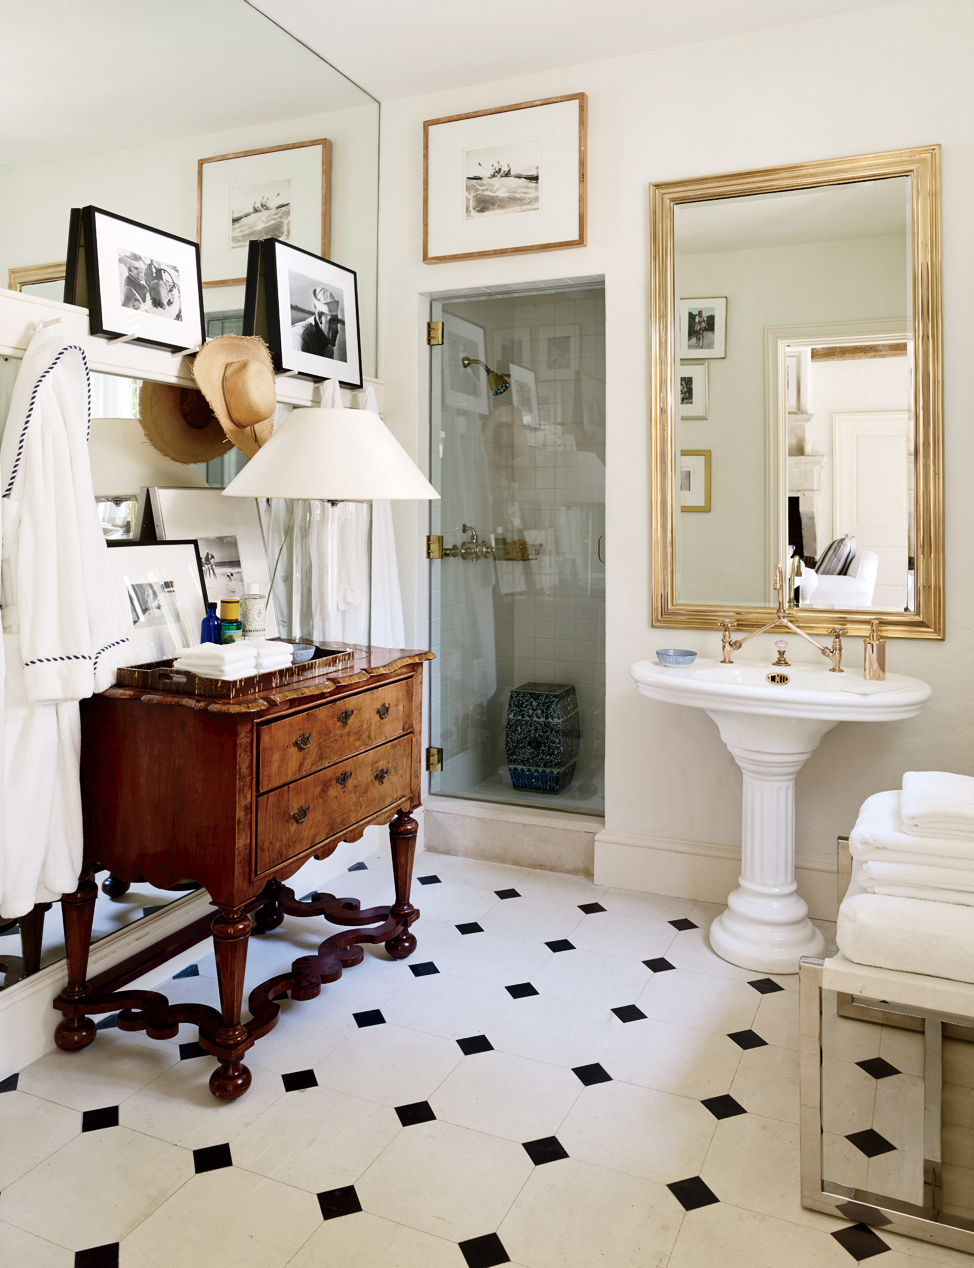 Charming Paint For Bathtub Tall Painting Bathtub Rectangular Paint Tub Bathtub Refinishing Company Youthful Bathtub Refinishing Companies Dark Paint A Tub